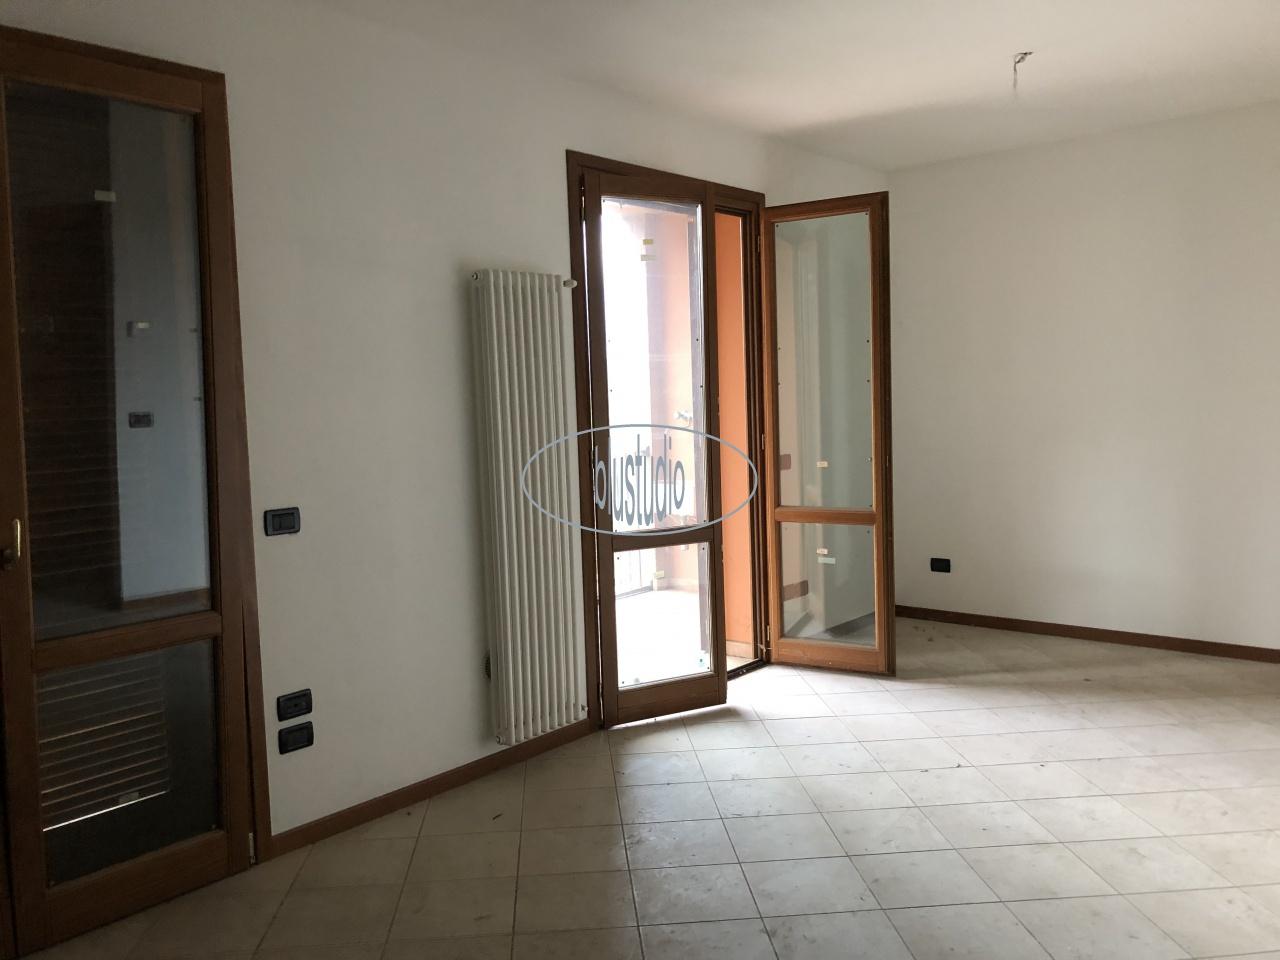 Appartamento in vendita a Figline e Incisa Valdarno, 1 locali, prezzo € 78.500 | PortaleAgenzieImmobiliari.it